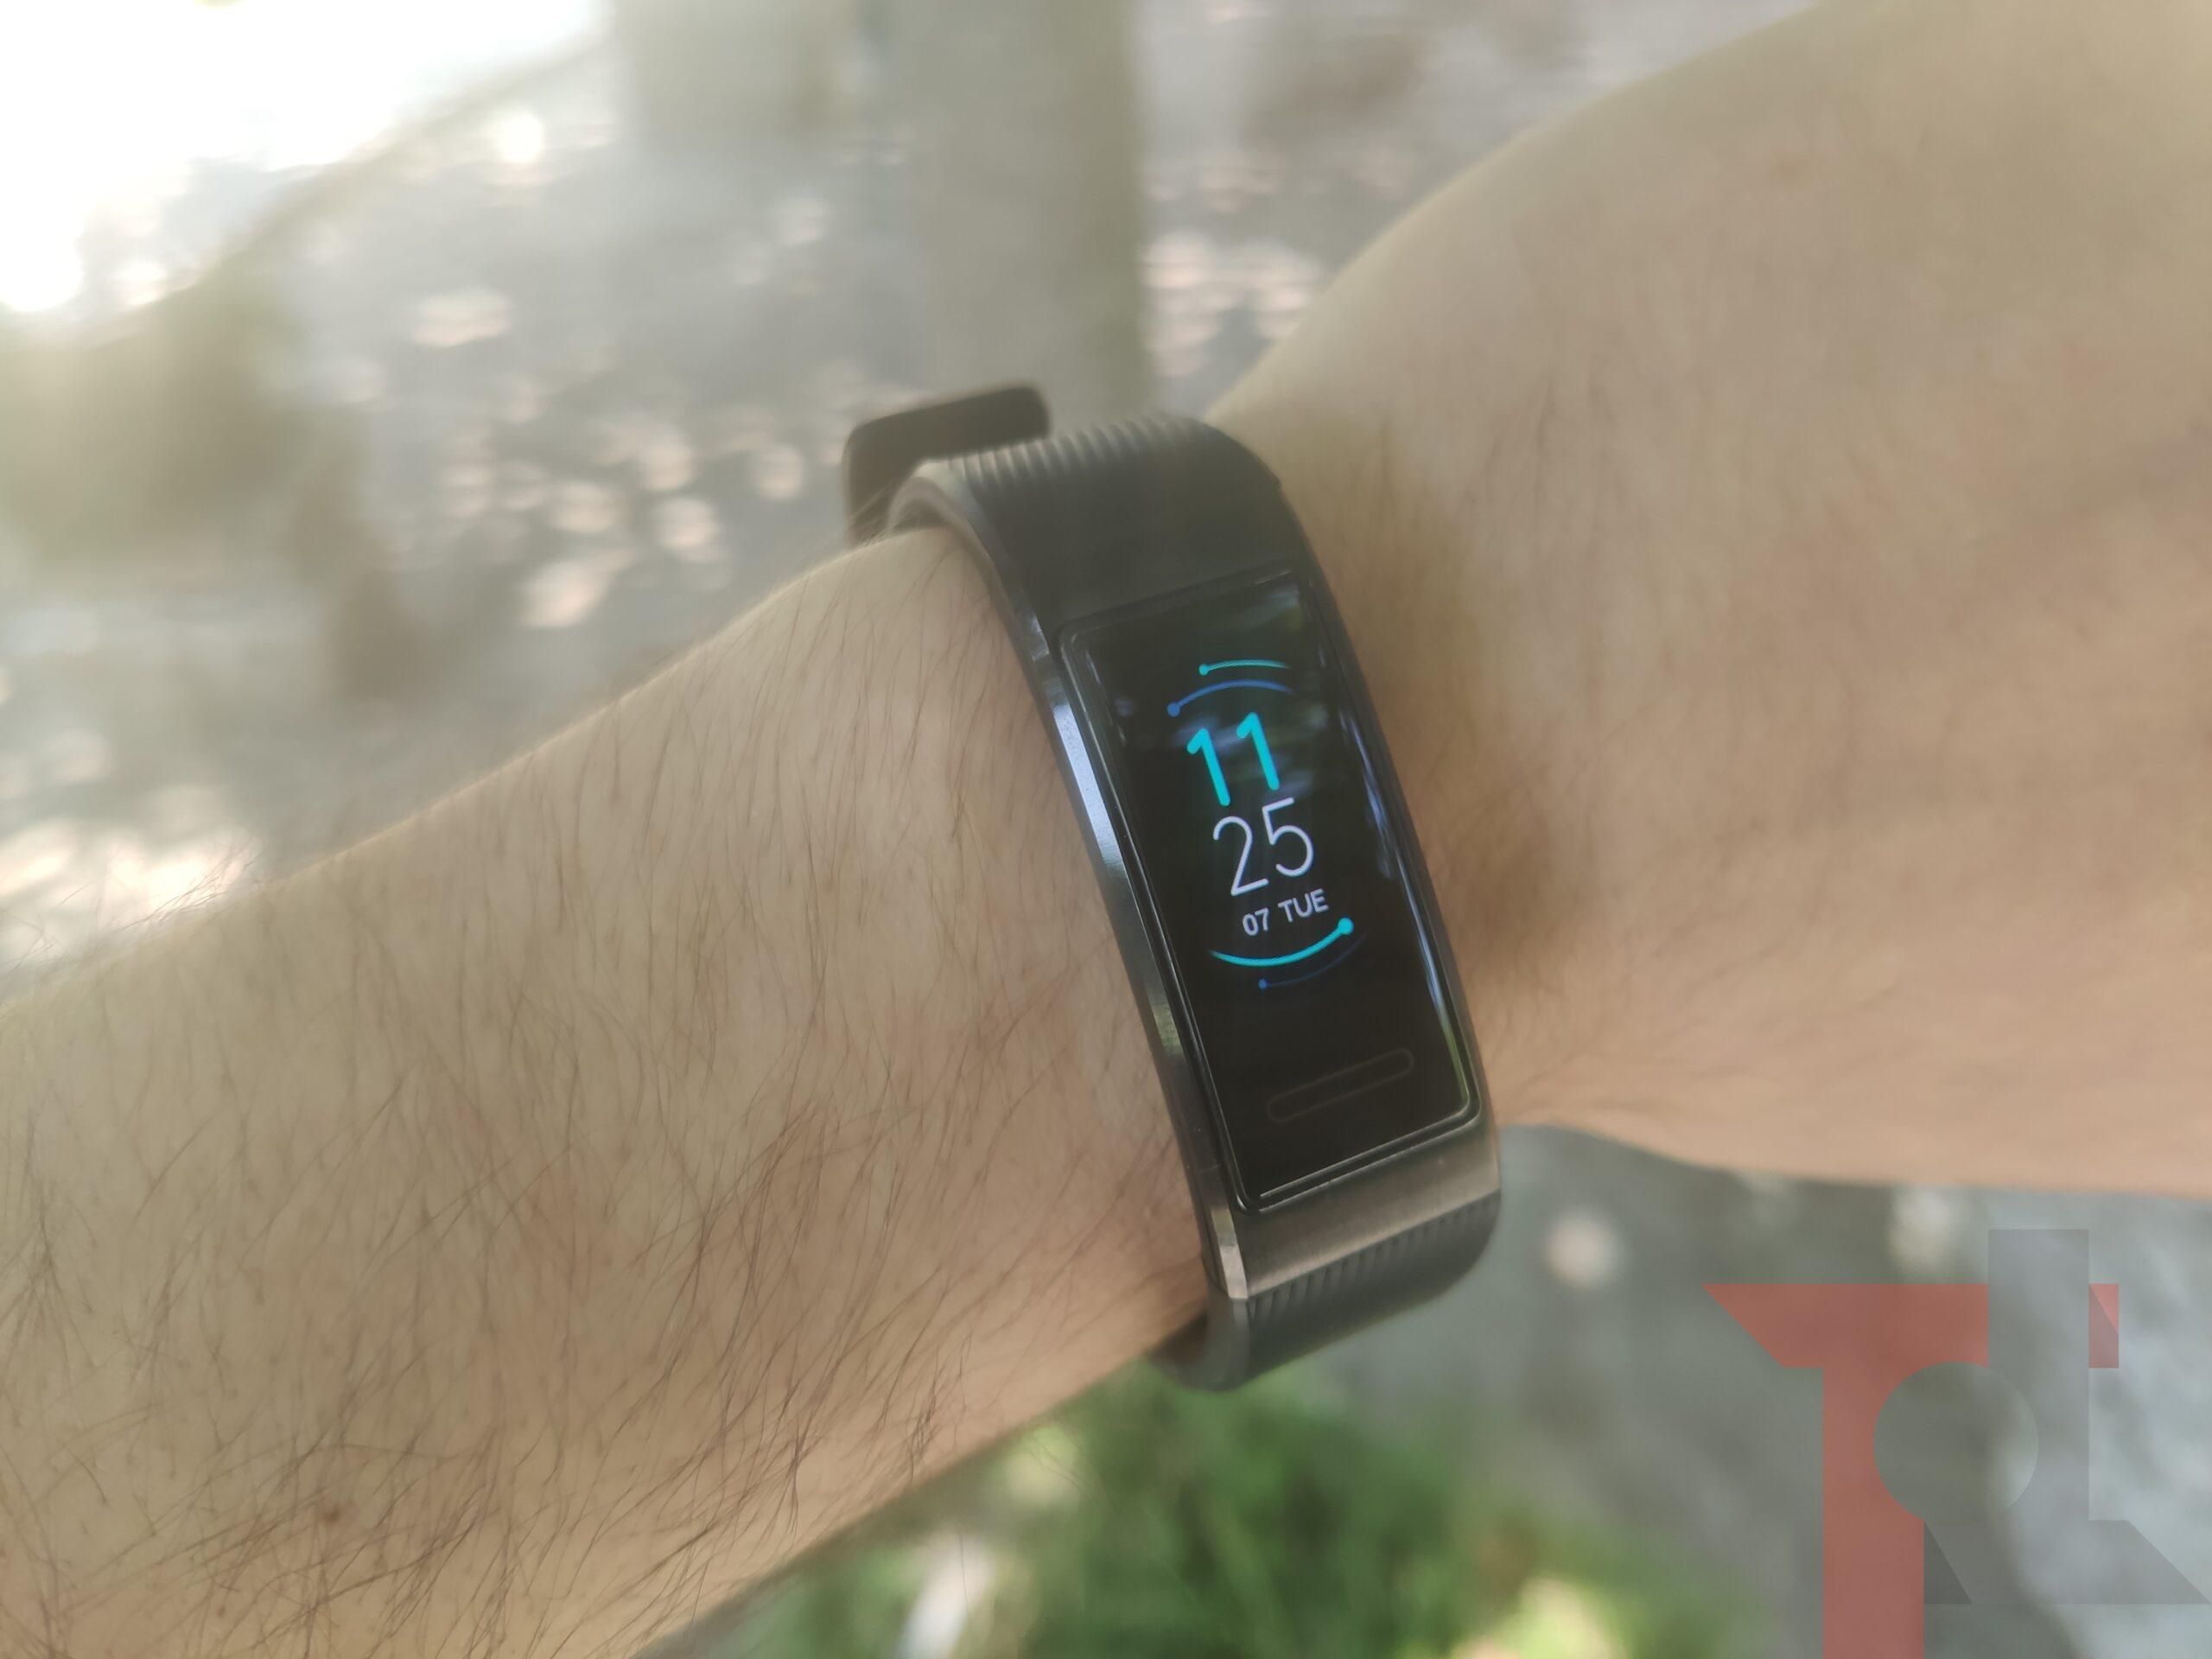 Veramente una smartband coi fiocchi: Huawei Band 4 Pro è al